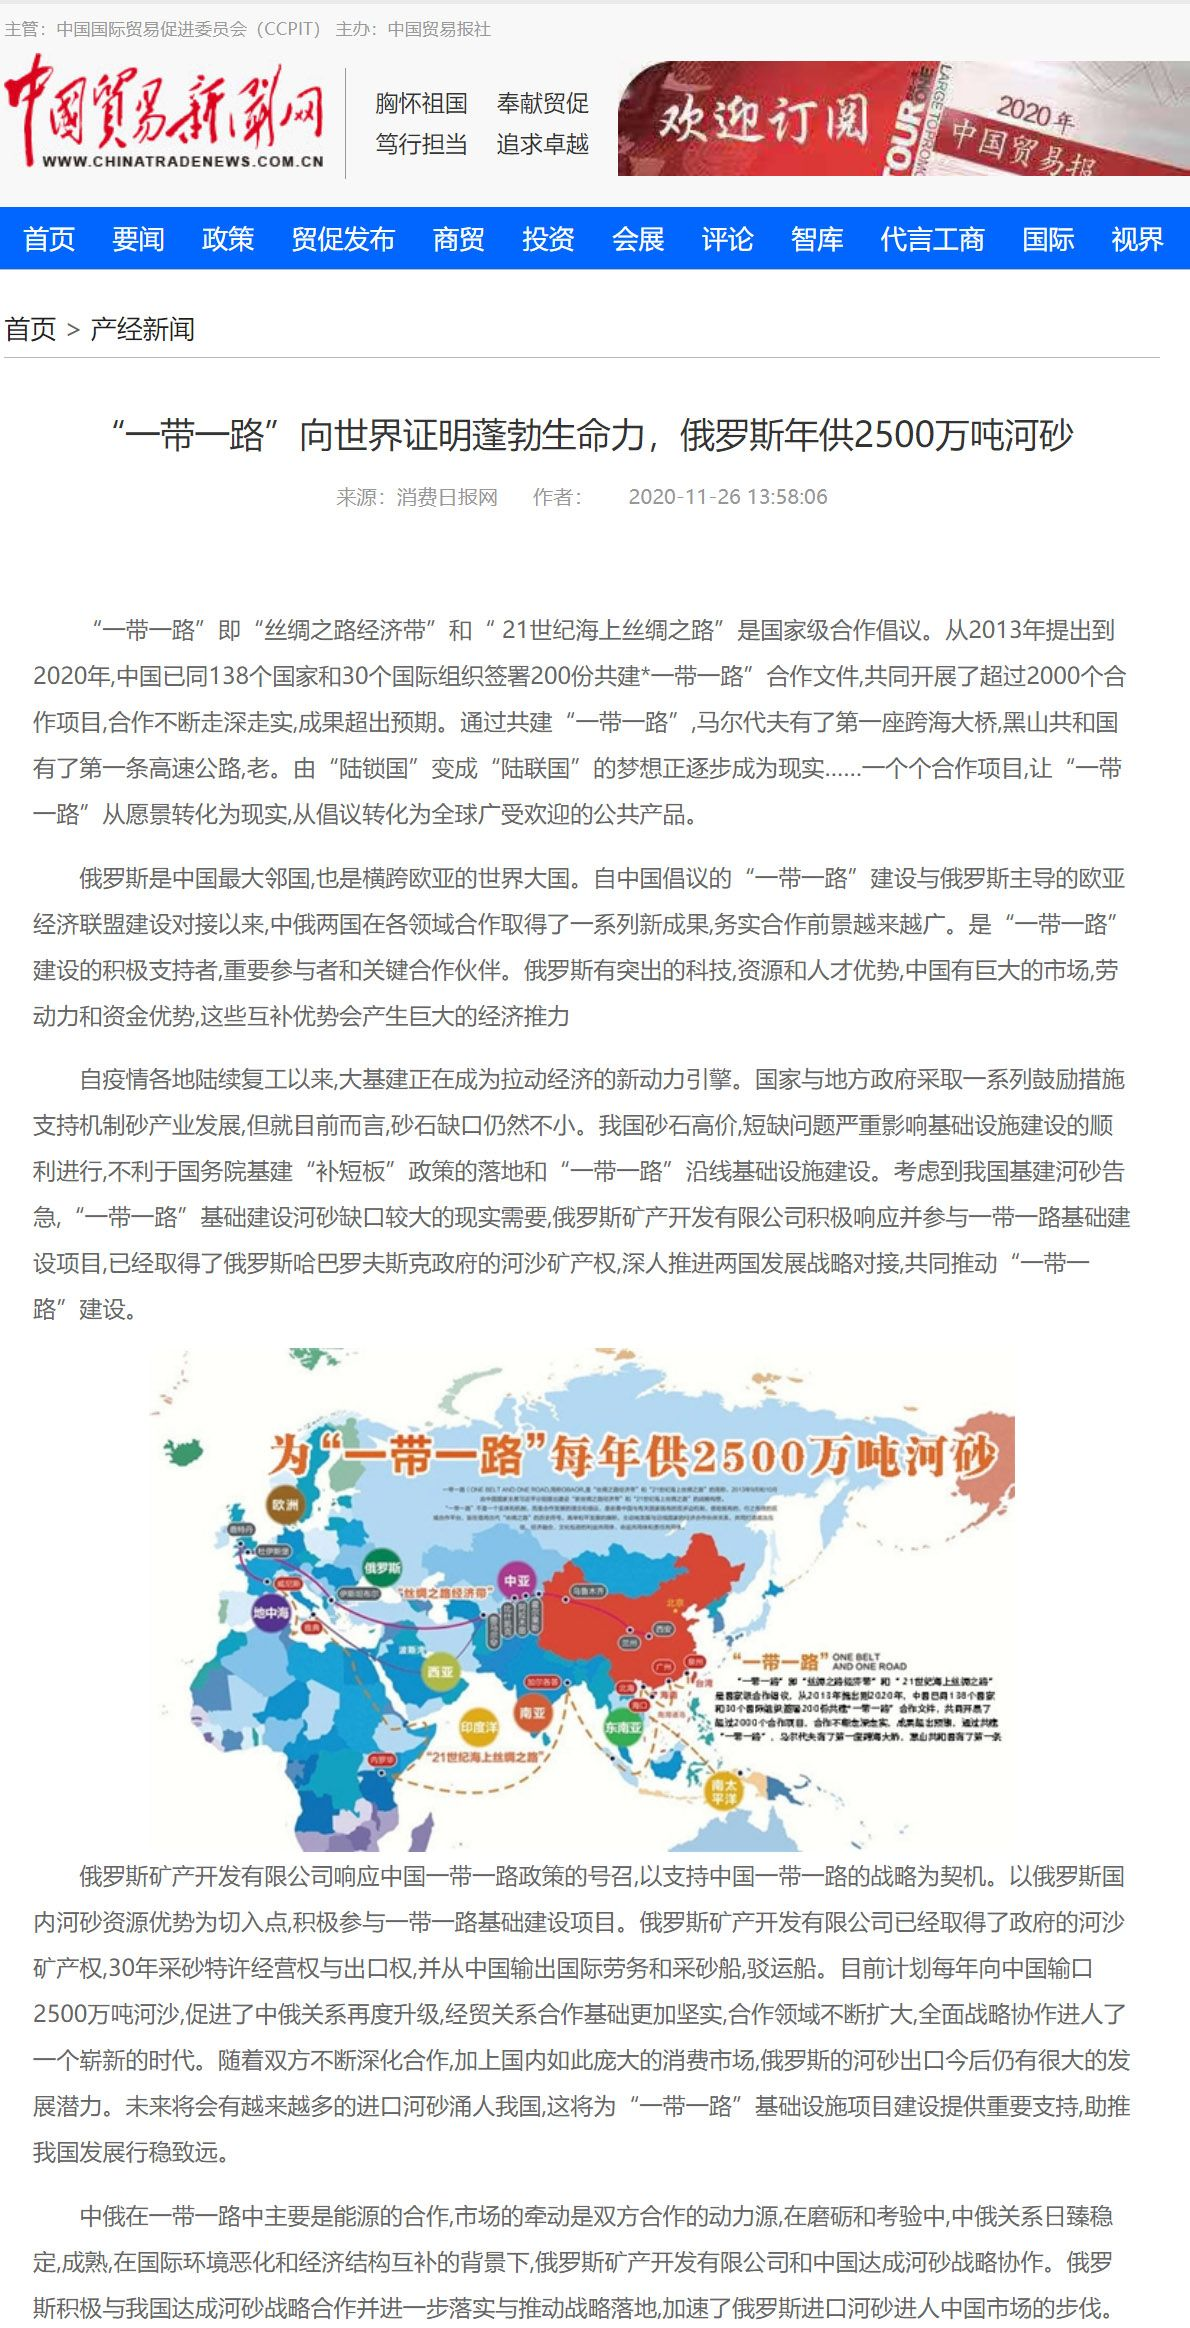 中国贸易报社《中国贸易新闻网》